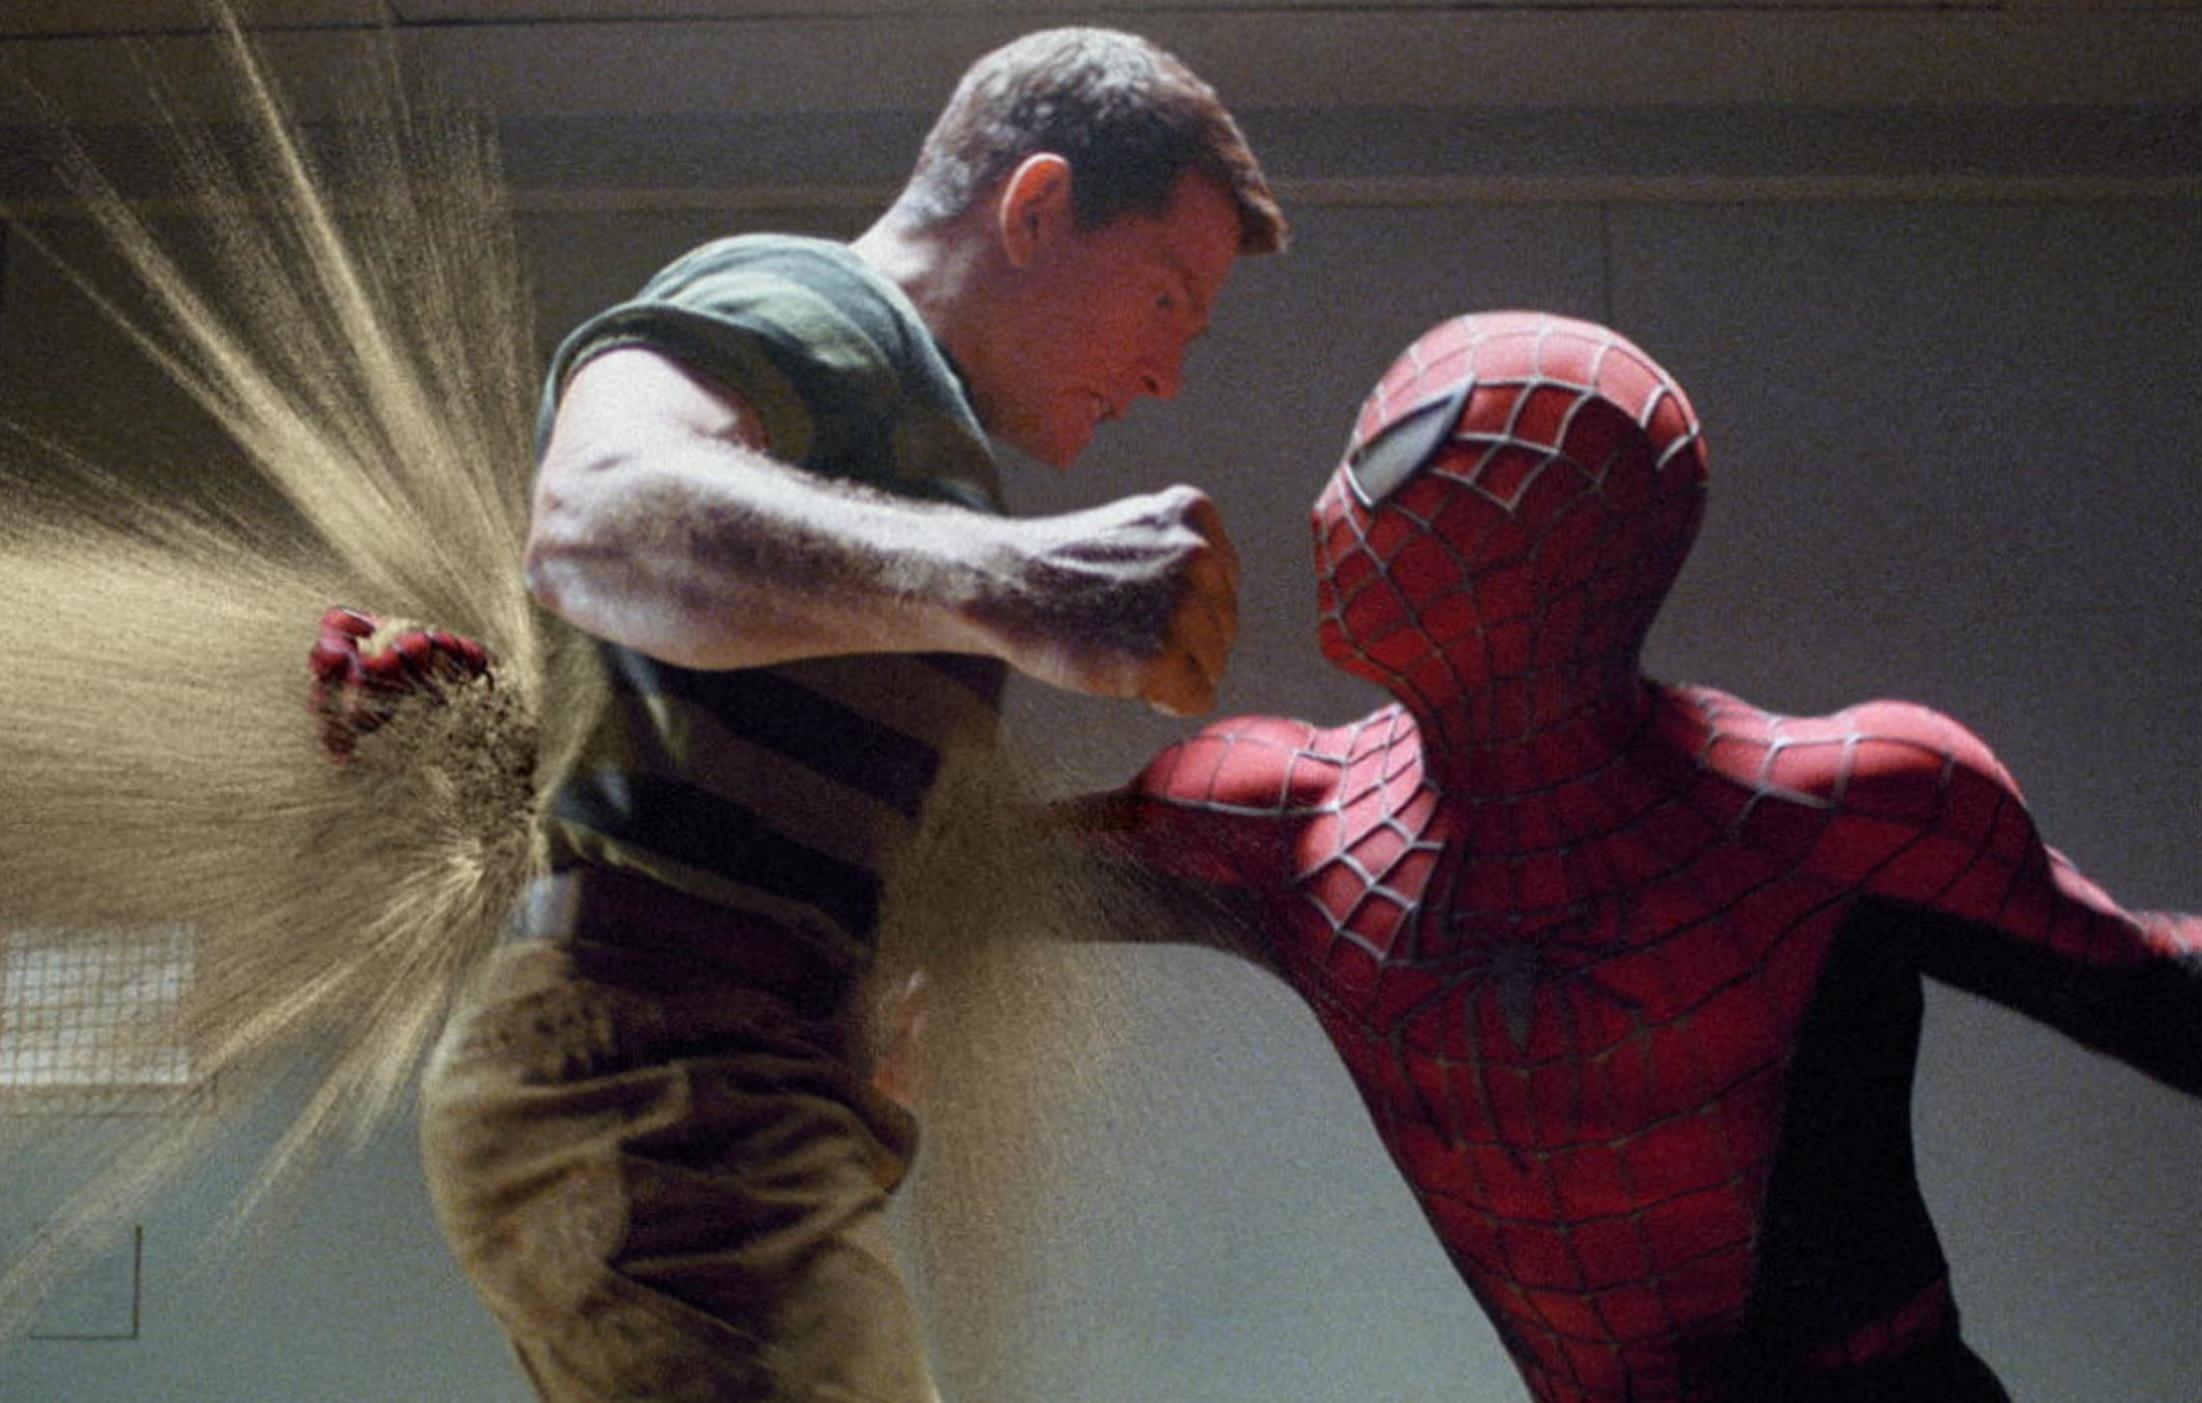 spider-man-3-thomas-haden-church-tobey-maguire-10-rcm0x1920u2.jpg